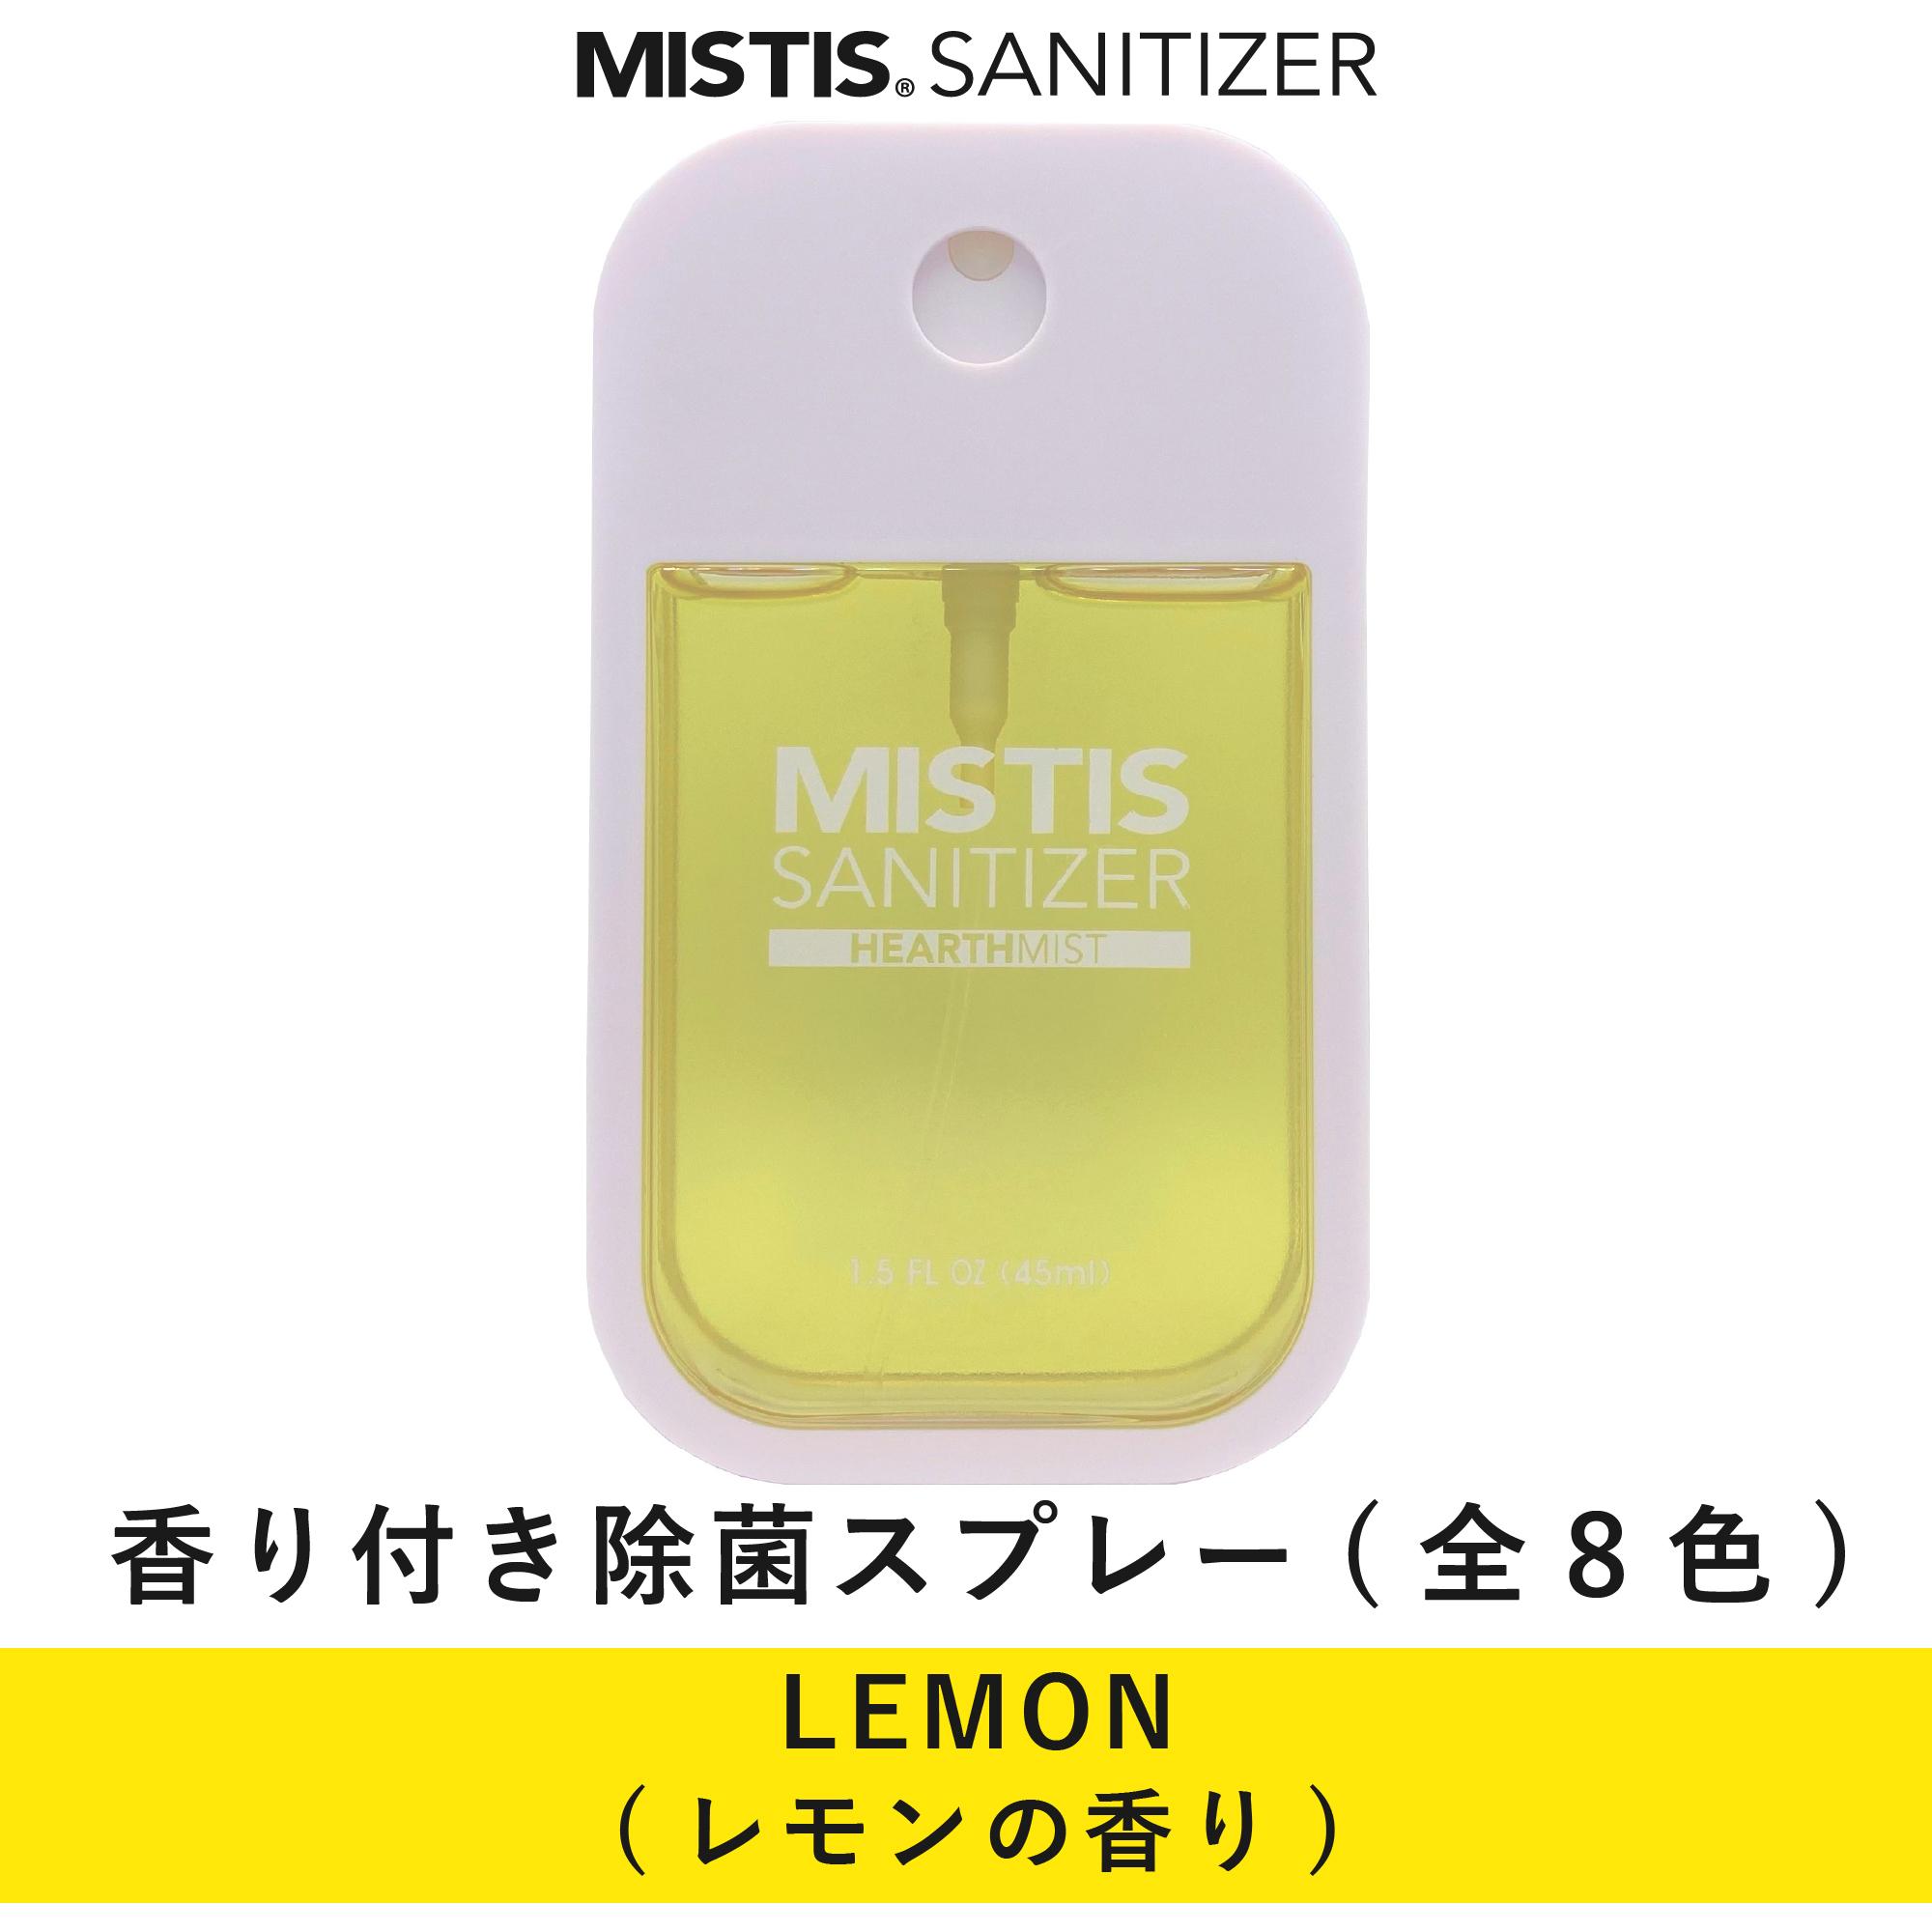 アロマ除菌スプレー🌈7月限定カラーのギフトセットを発売中🏄